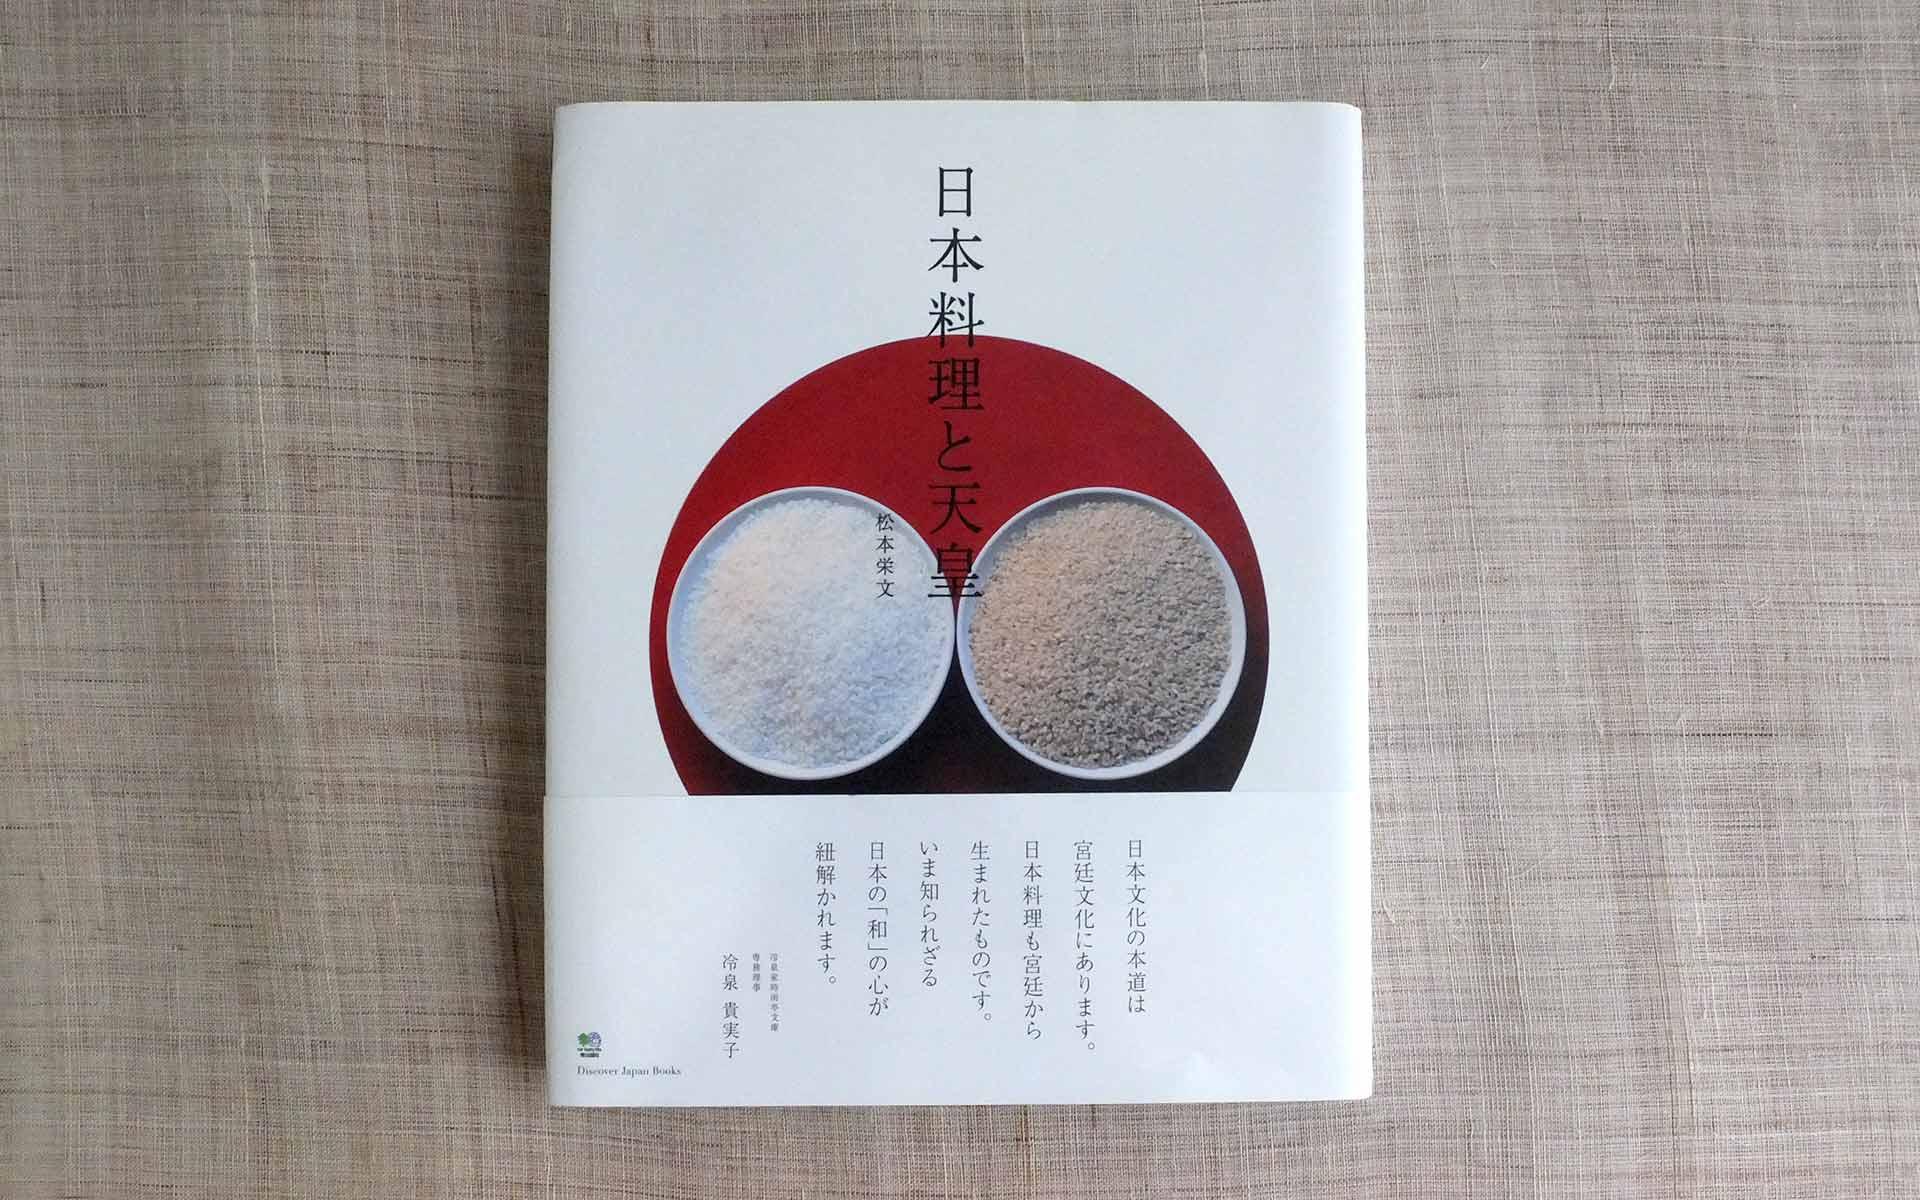 細萱久美が選ぶ、生活と工芸を知る本棚『日本料理と天皇』